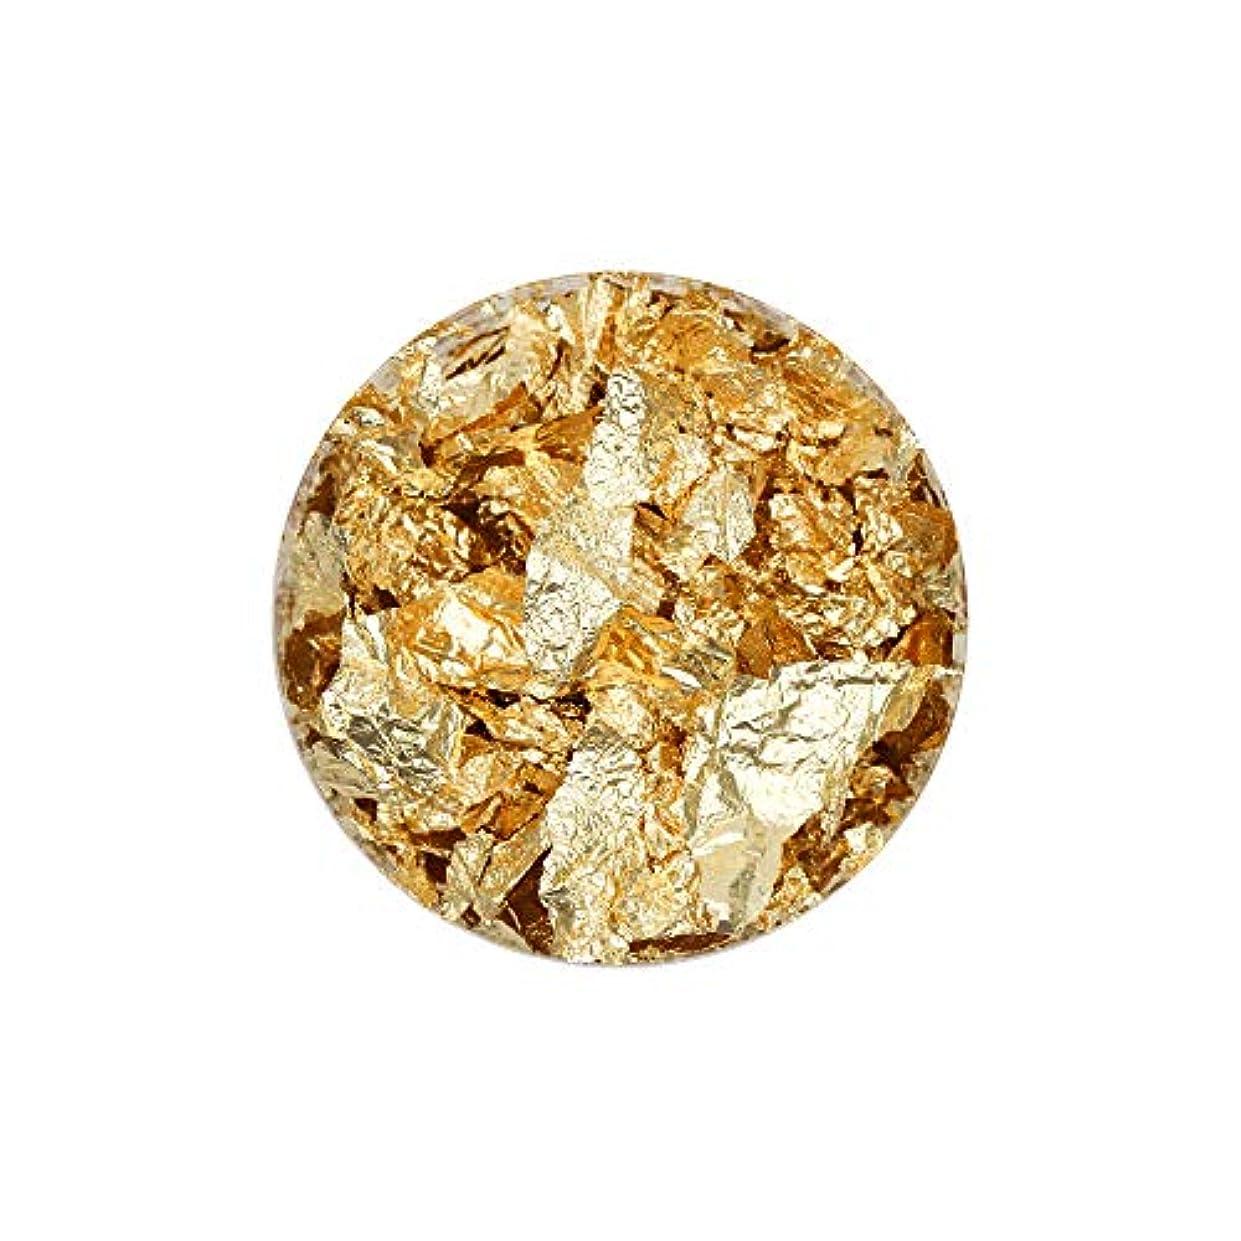 アラート慈悲いいねネイルアート 乱切り箔乱切り箔 【M/ゴールド】金箔 銀箔 銅箔 ホイル 和装 洋装 ネイルナゲット